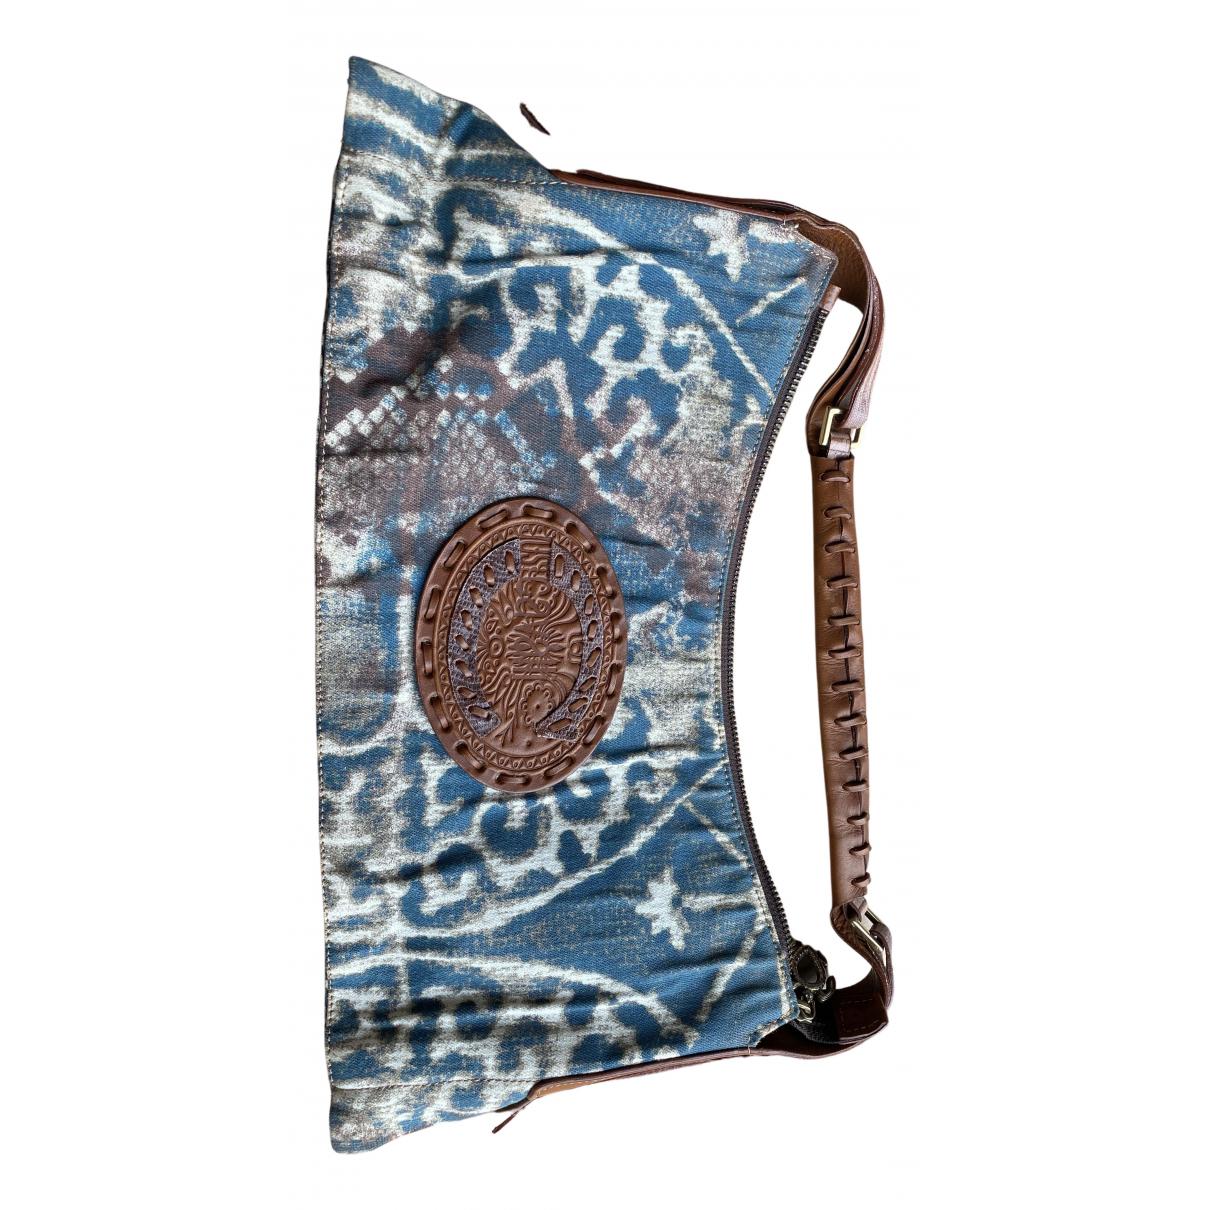 Just Cavalli \N Handtasche in  Blau Denim - Jeans